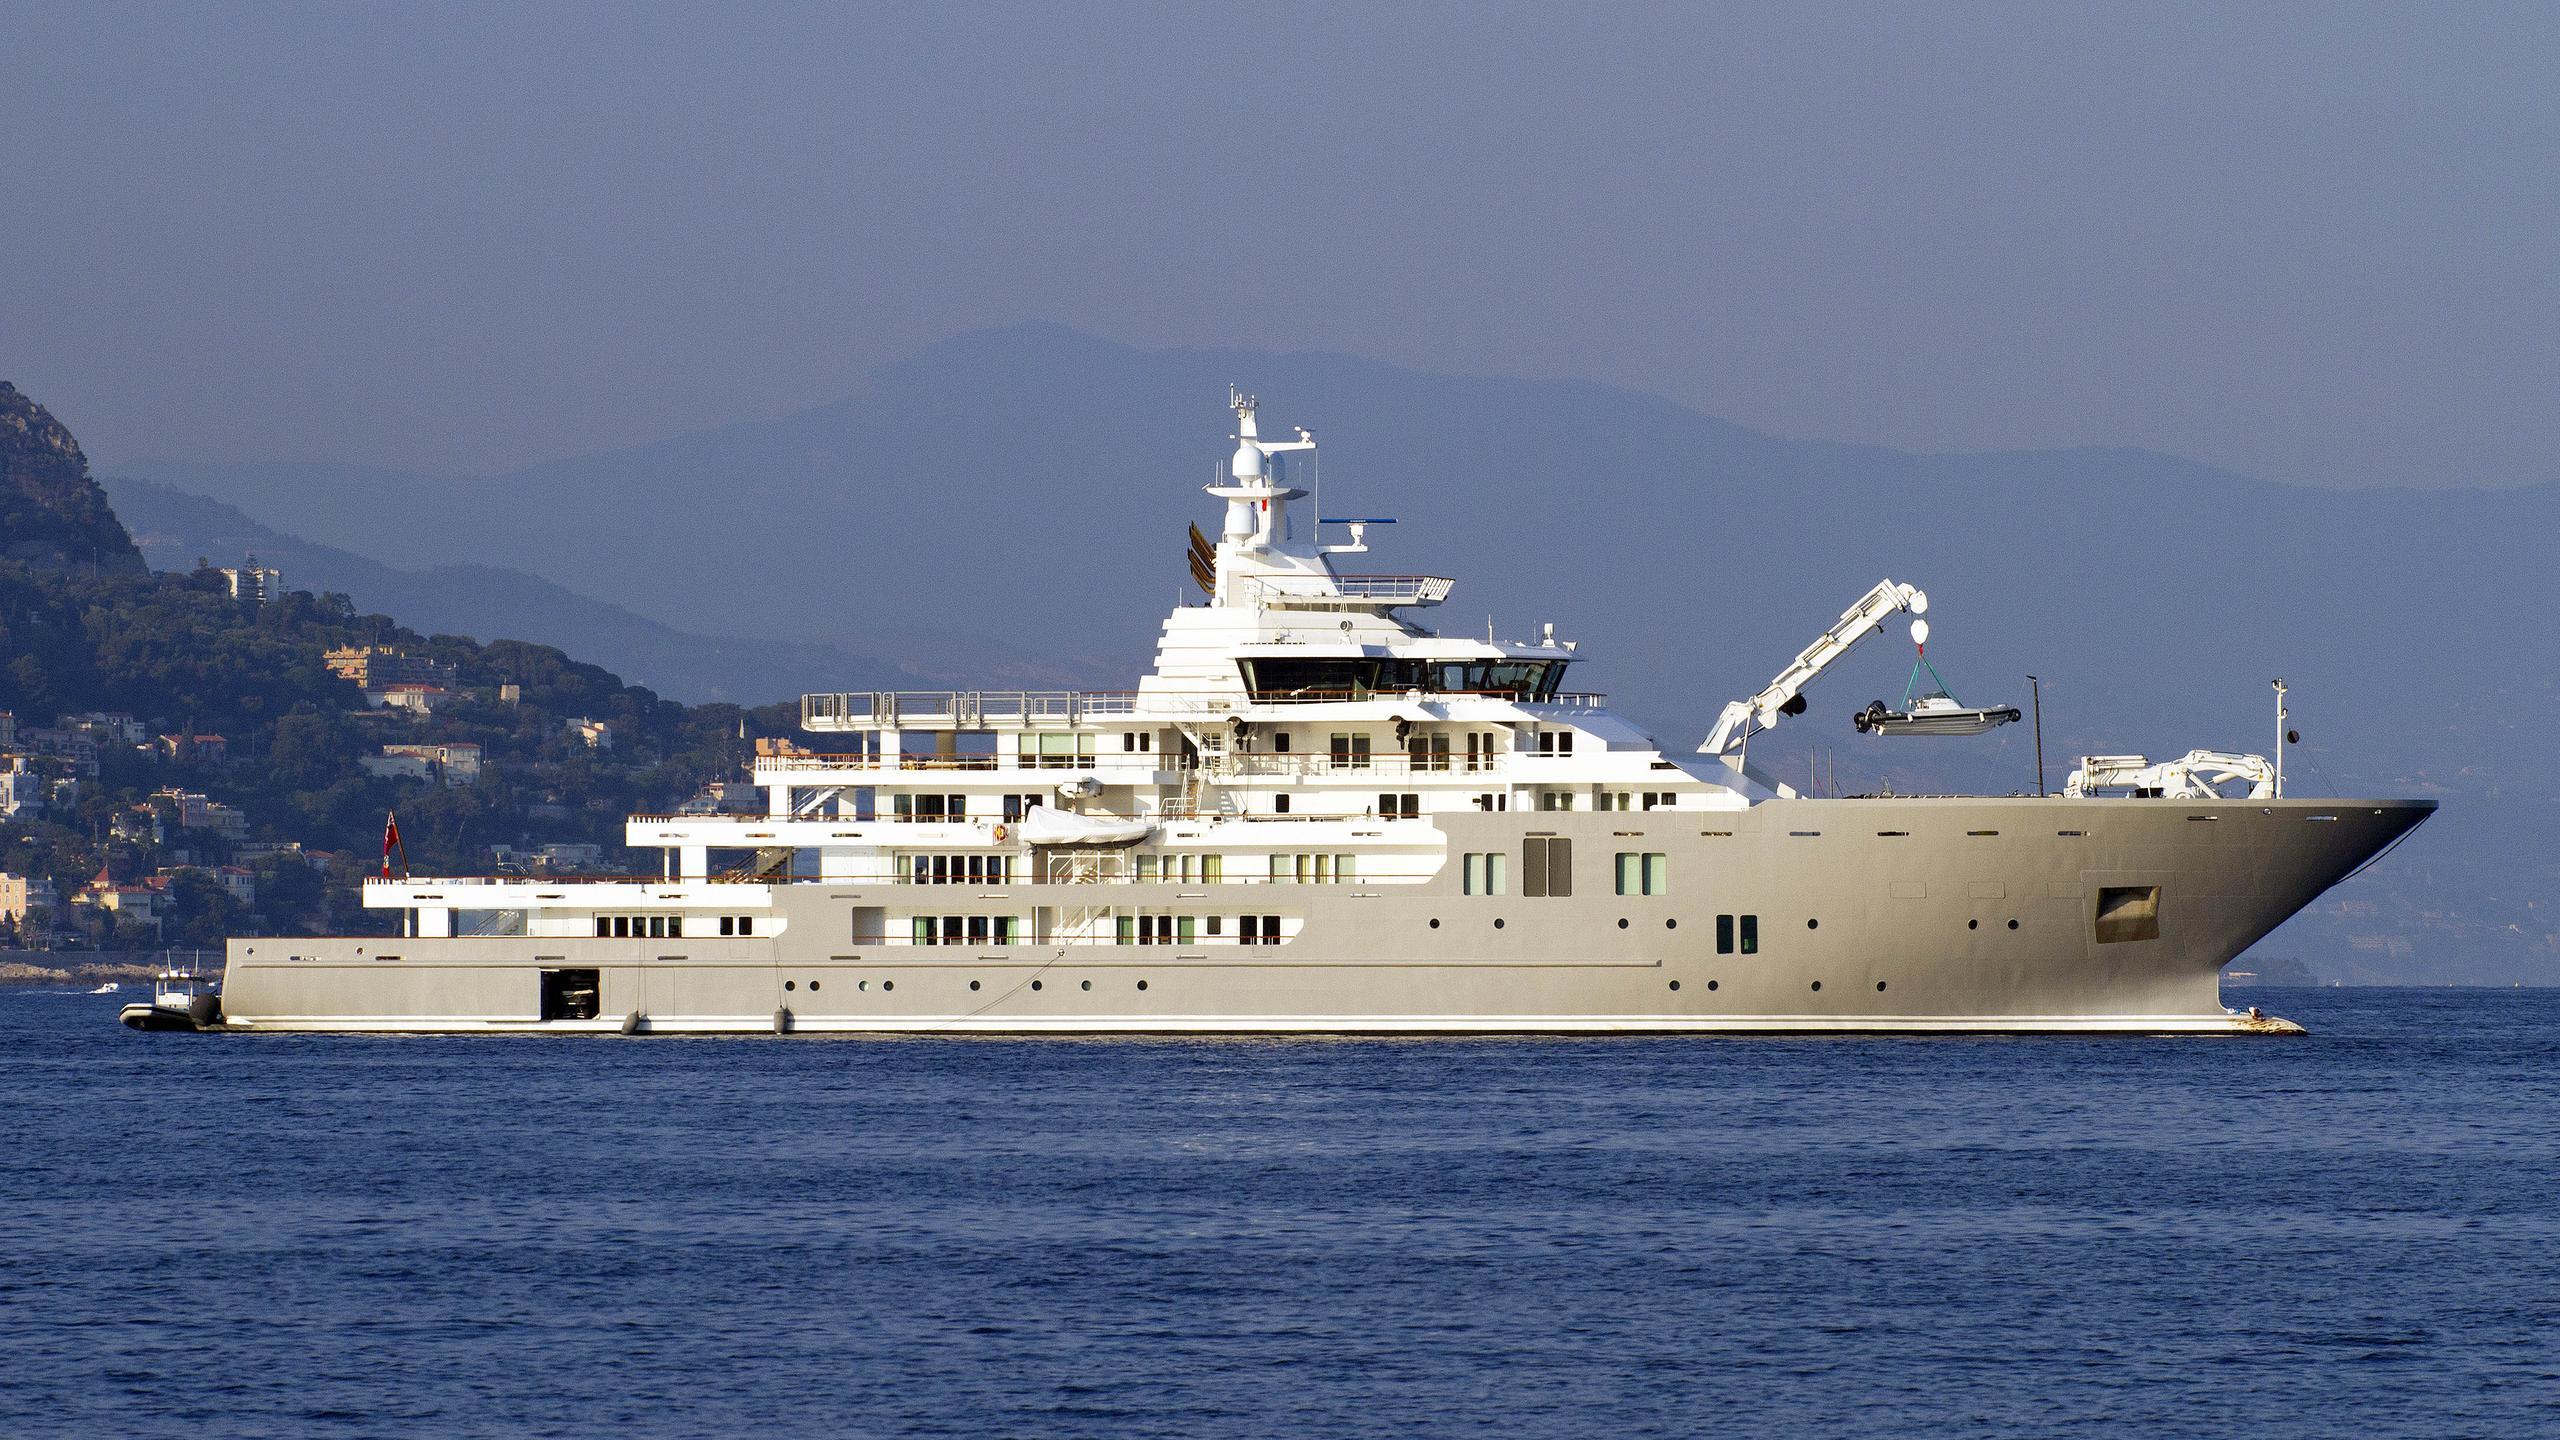 andromeda-ulysses-explorer-yacht-kleven-2015-107m-profile